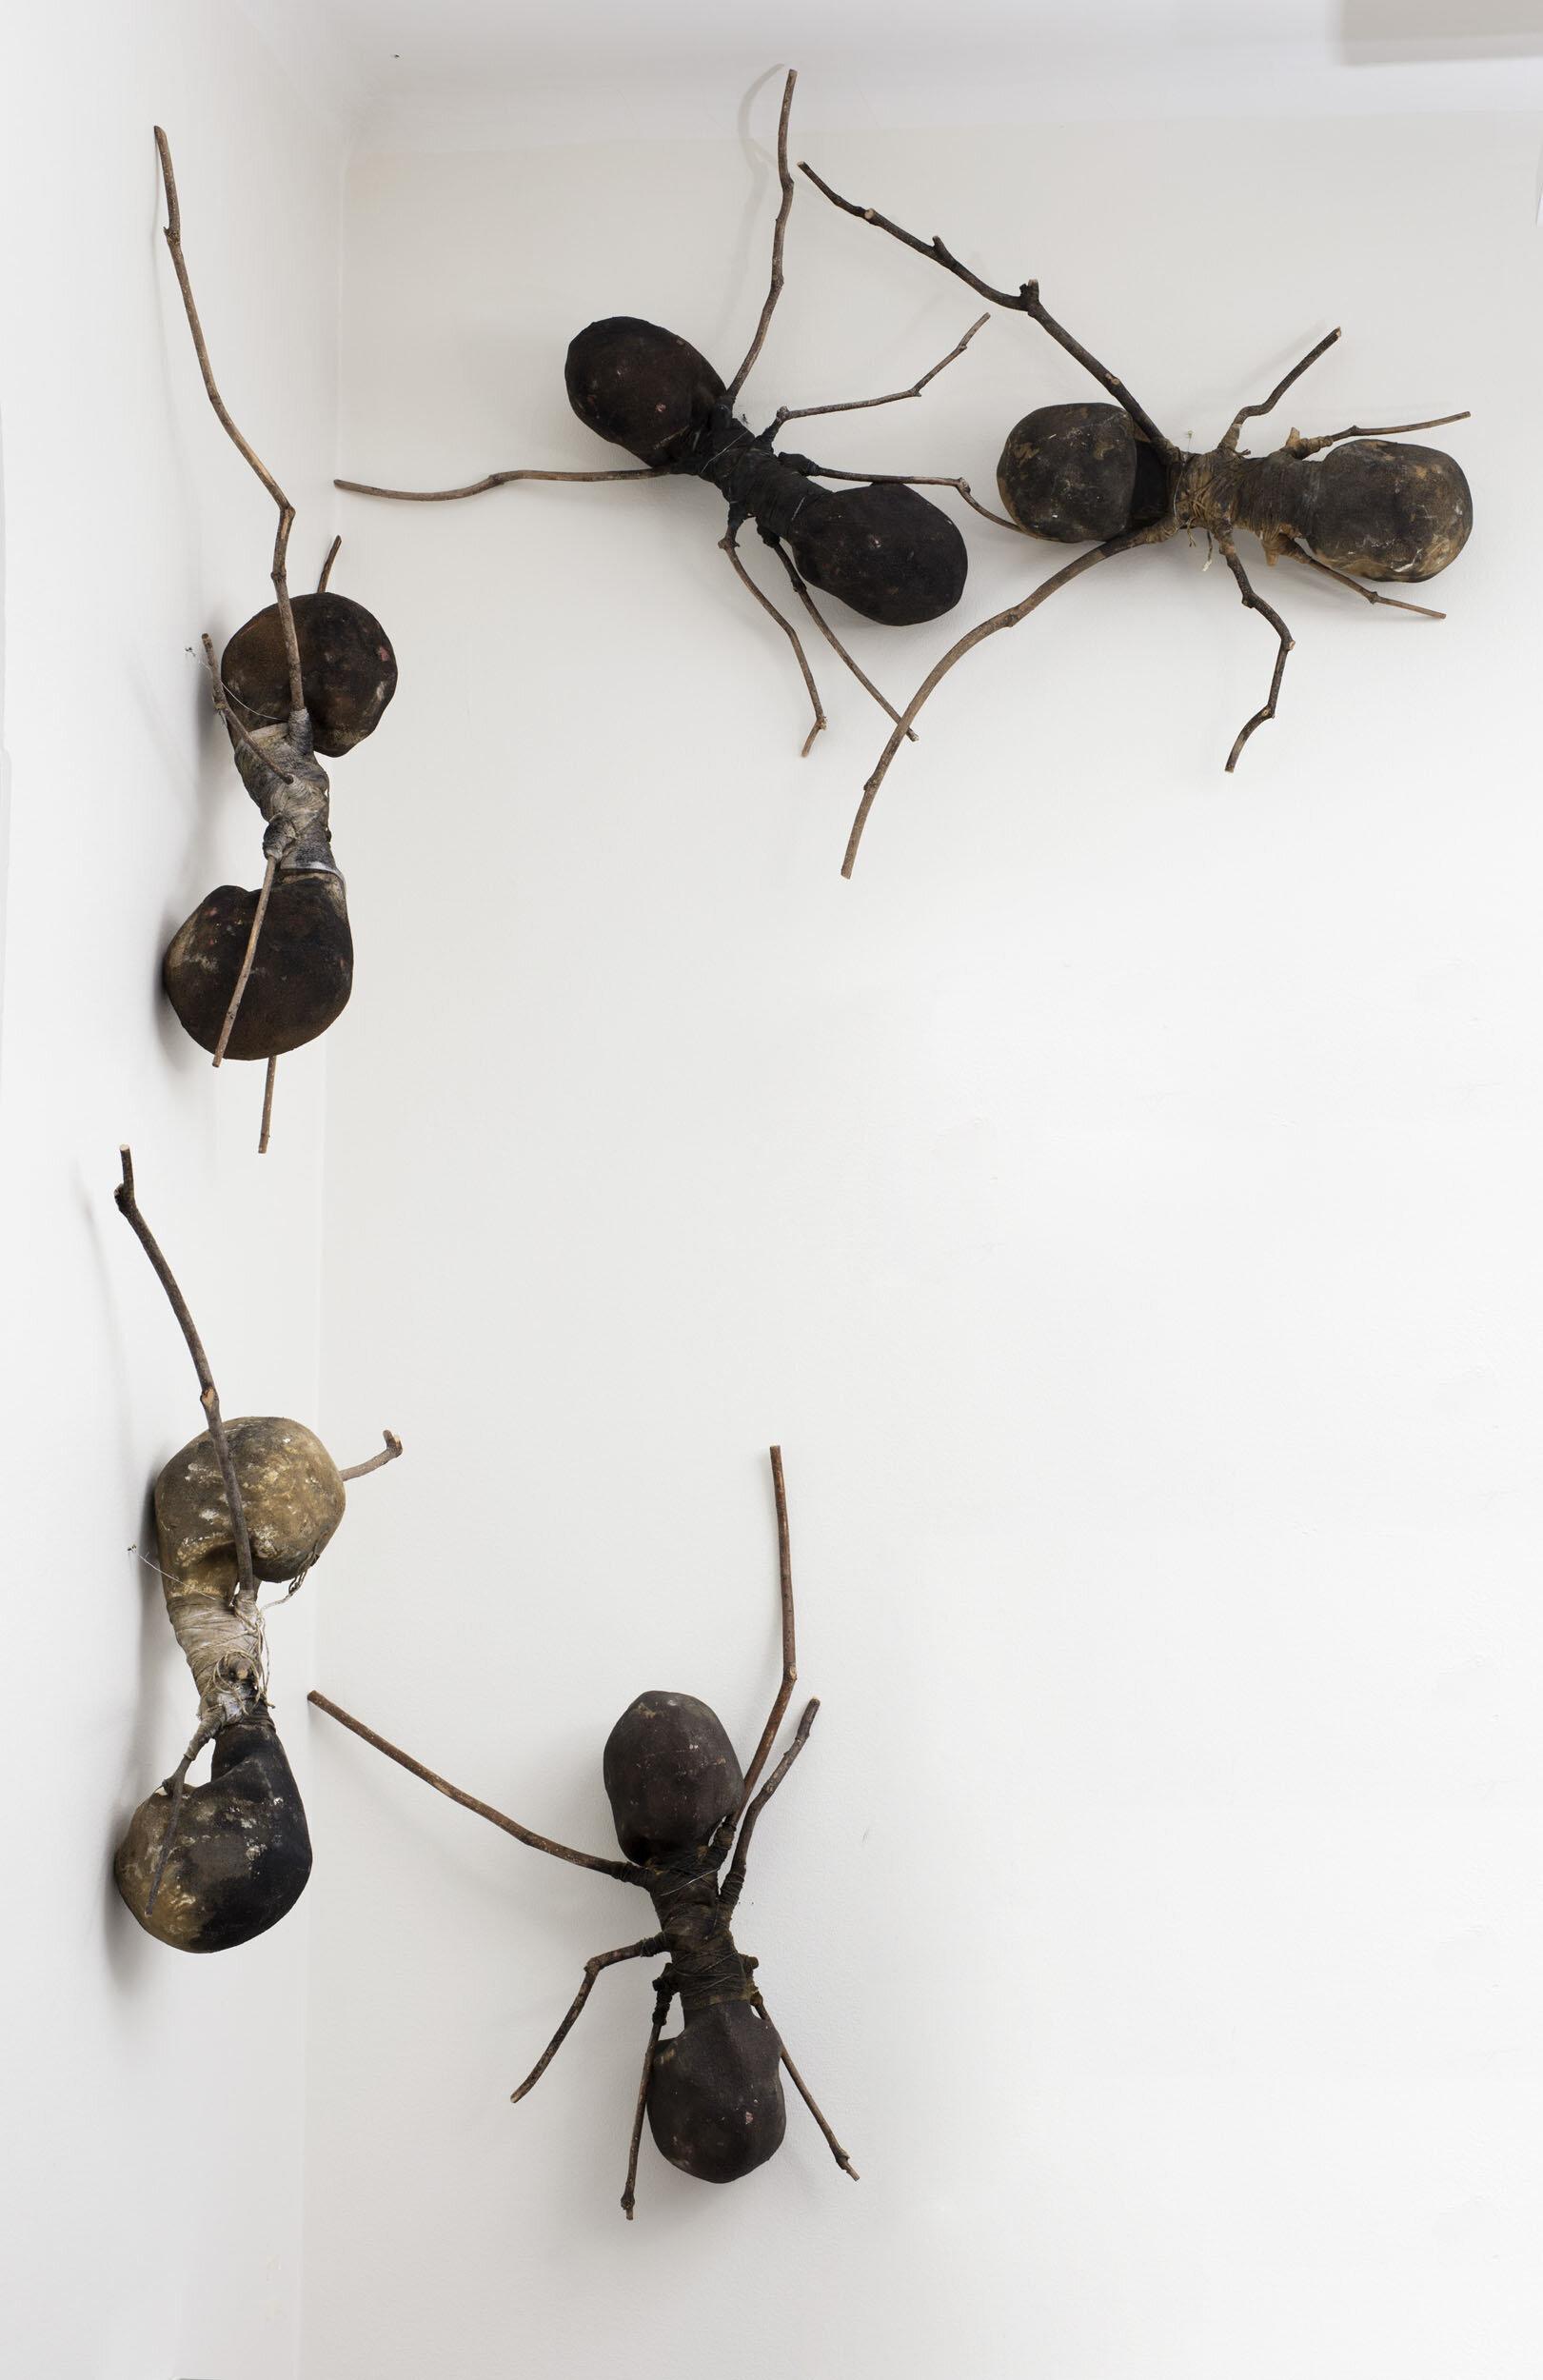 Rafael Gomezbarros   Utan titel, ur: Casa Tomada  2013 Individuellt numrerade Skulpturer (5), gipsavgjutningar av döskallar,  grenar och textil  Vardera ca 78 x 60 cm